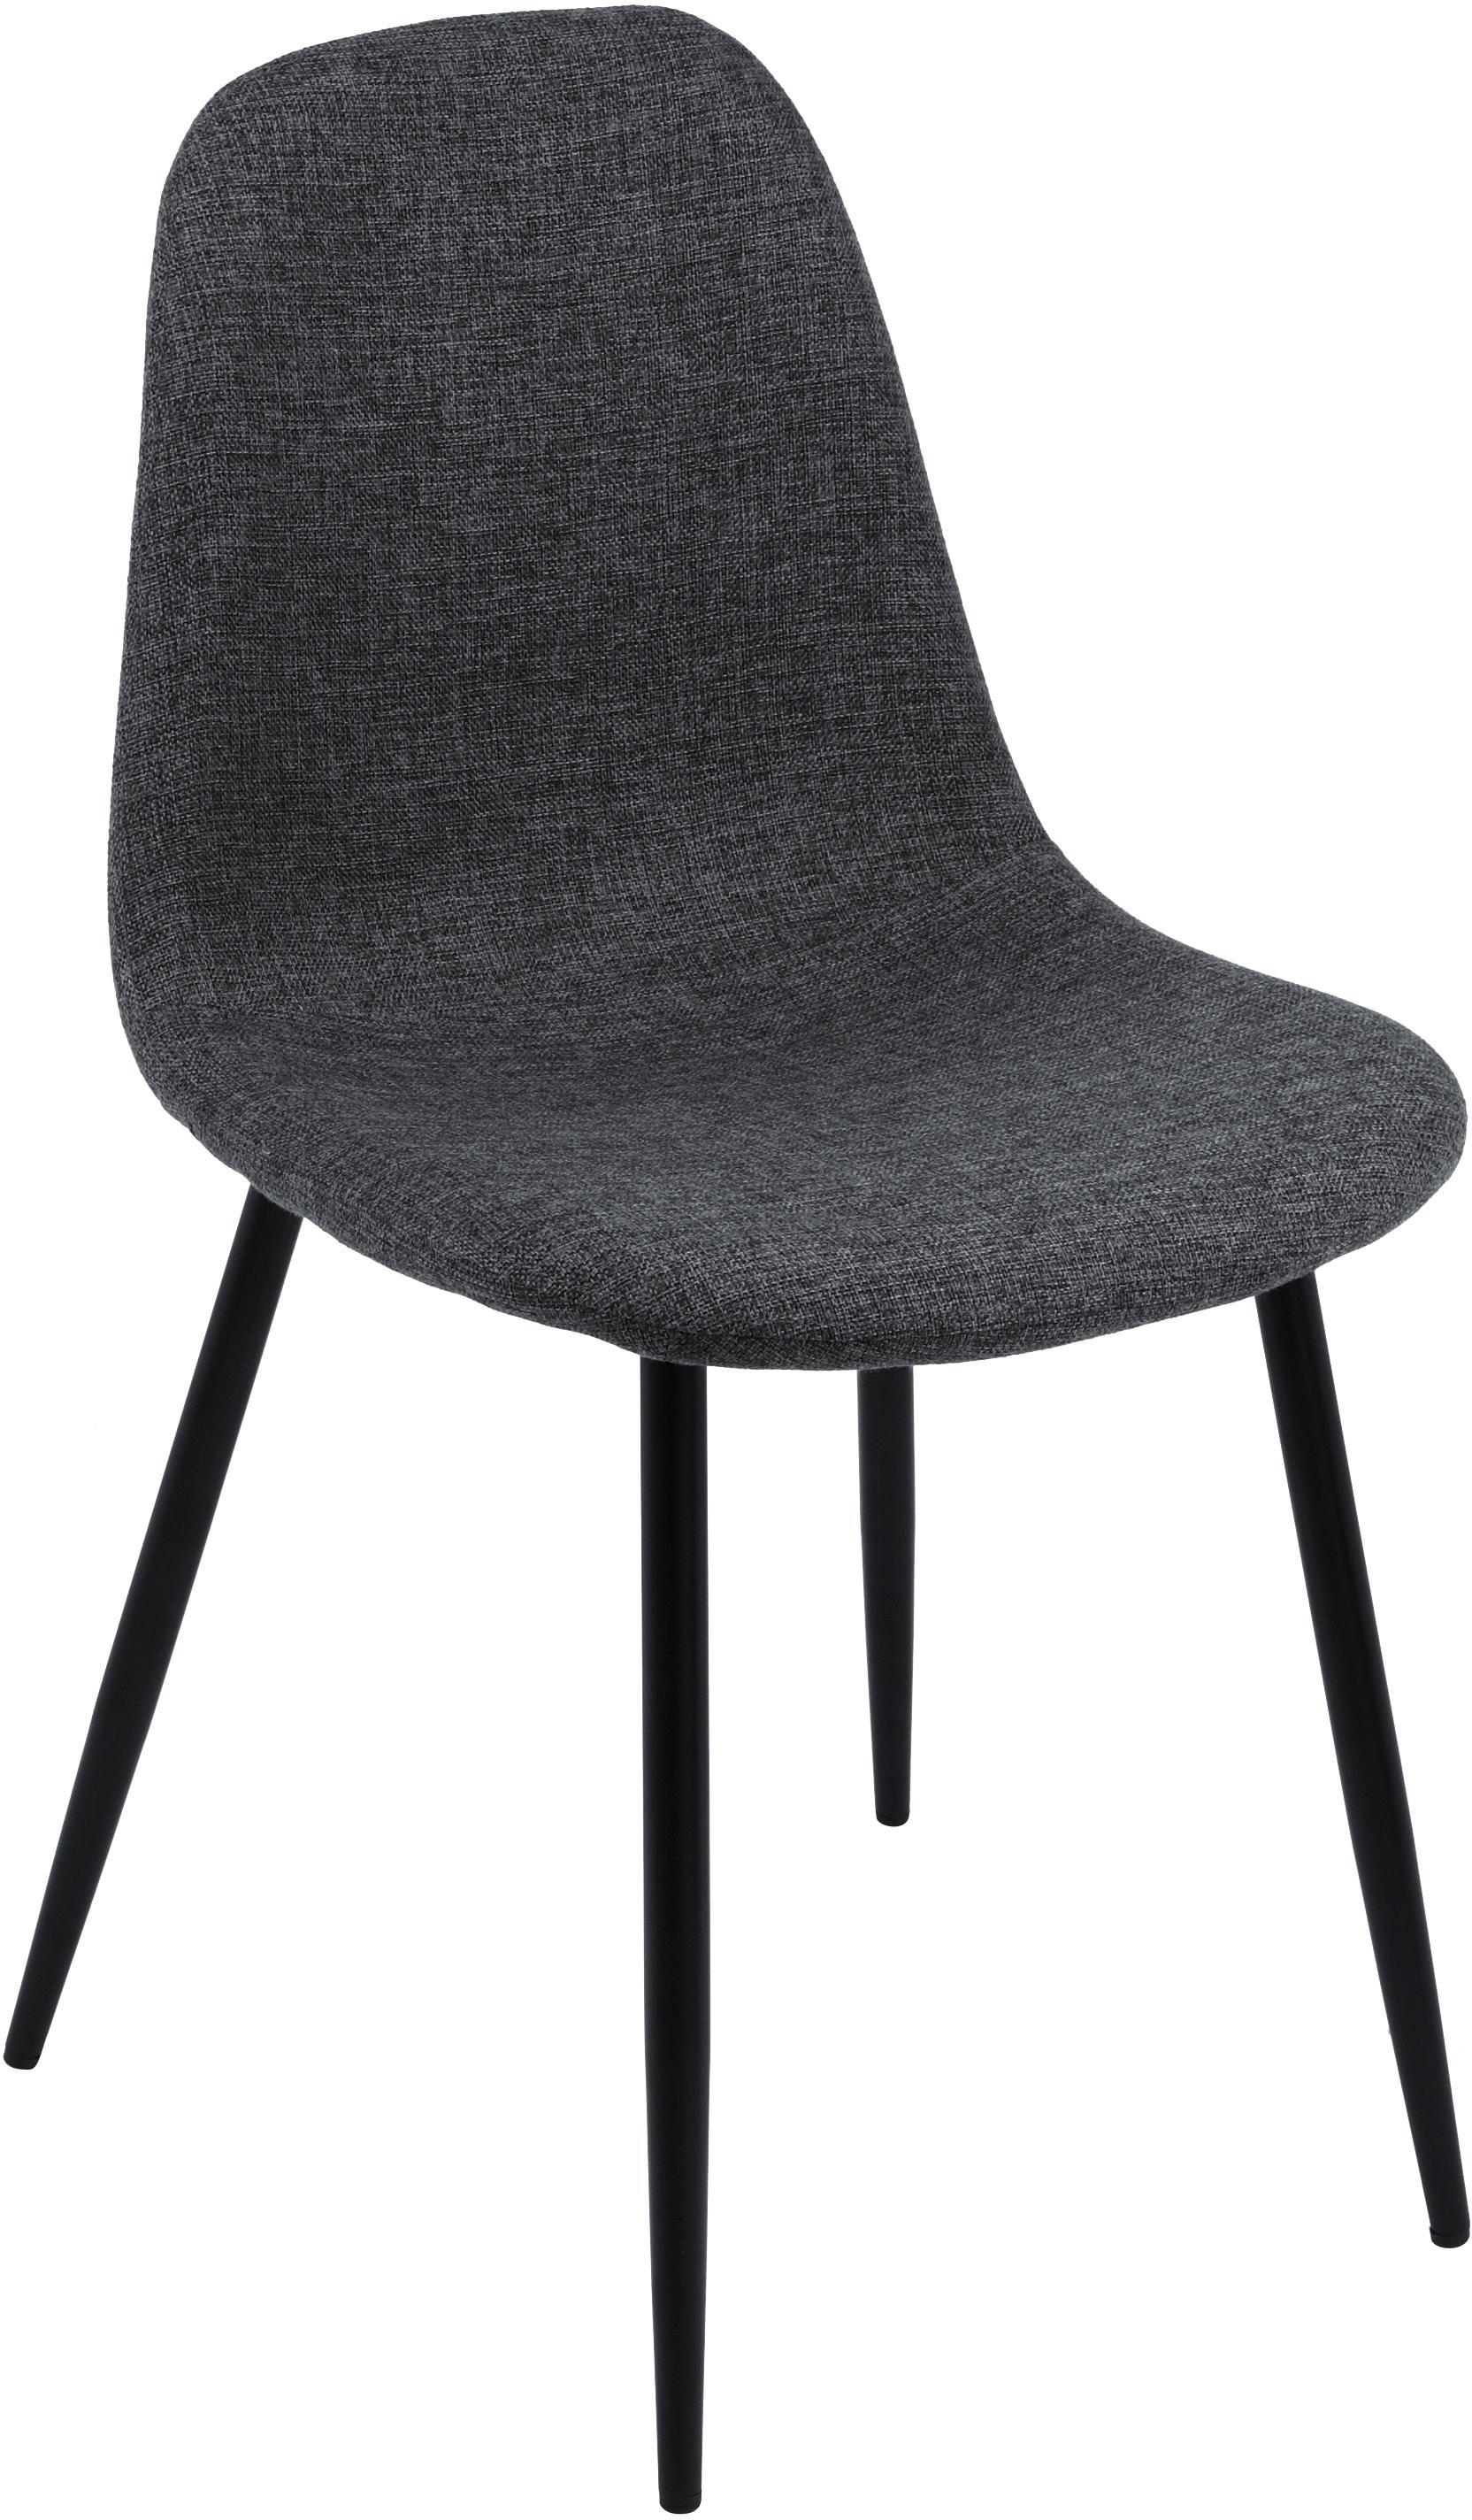 Polsterstühle Karla, 2 Stück, Bezug: 100 % Polyester, Füße: Metall, Webstoff Dunkelgrau, Beine Schwarz, B 44 x T 53 cm